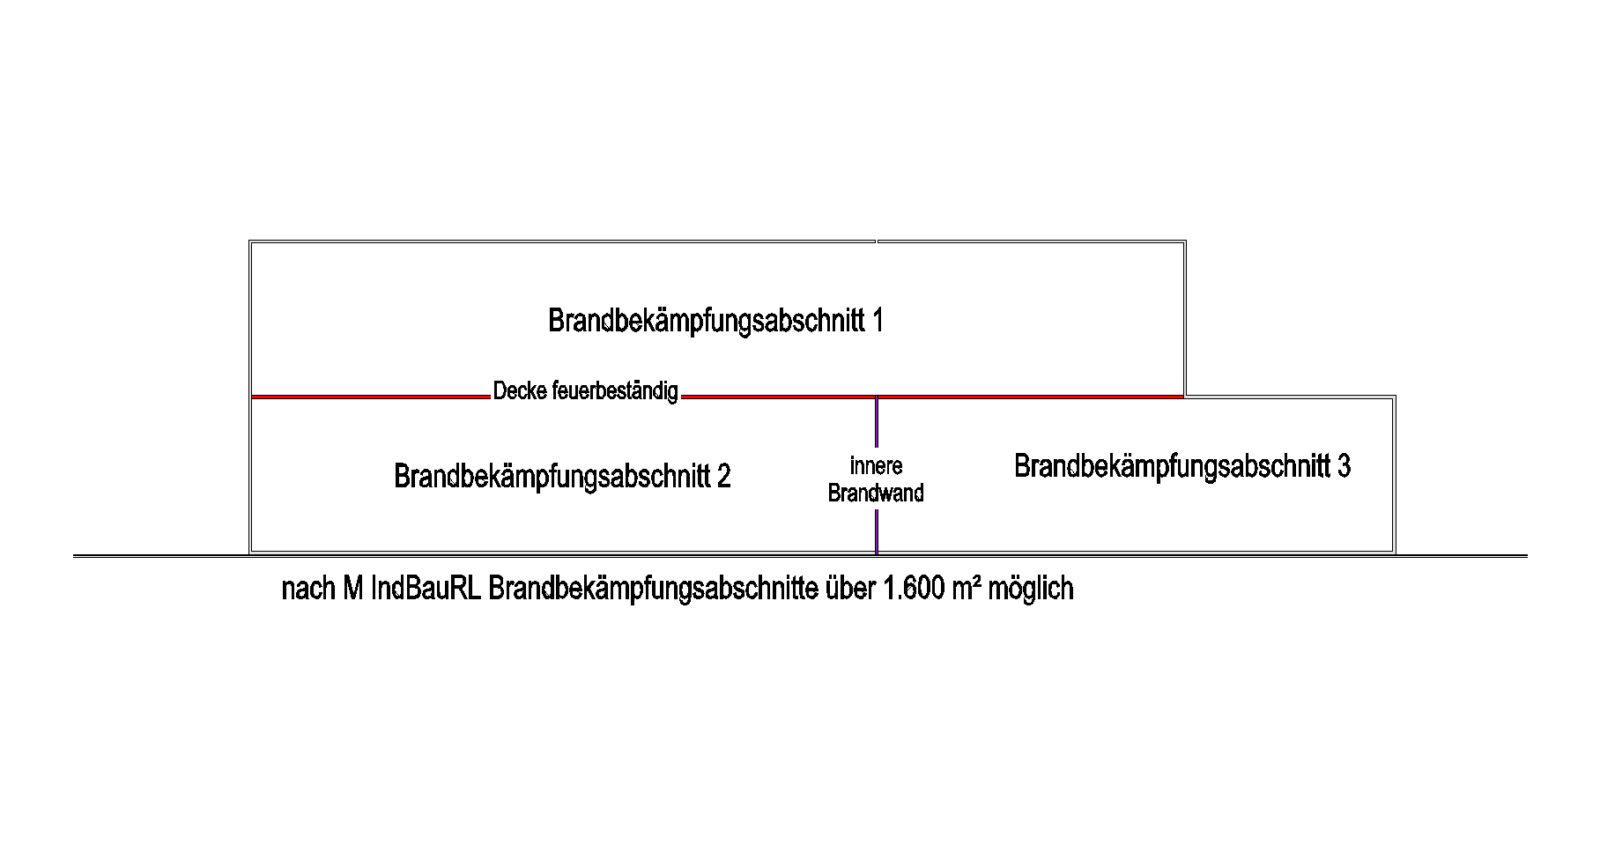 04_02_003_Brandbekämpfungsabschnitt nach M IndBauRL_Grafik_brandschutz-plus-eberl-pacan-brandschutzplaner